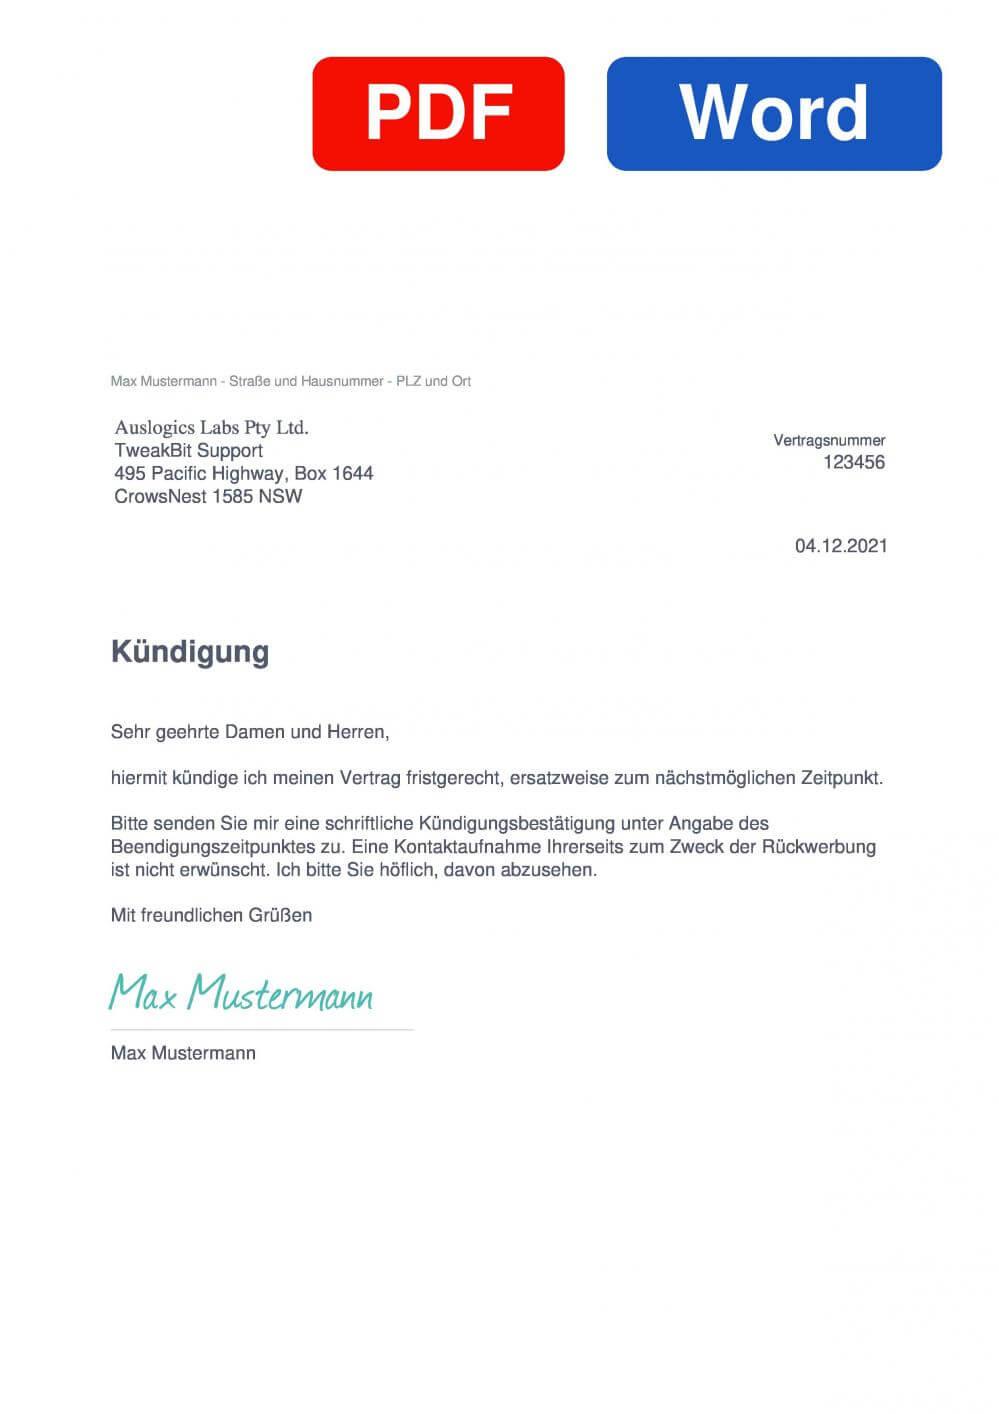 TweakBit Muster Vorlage für Kündigungsschreiben